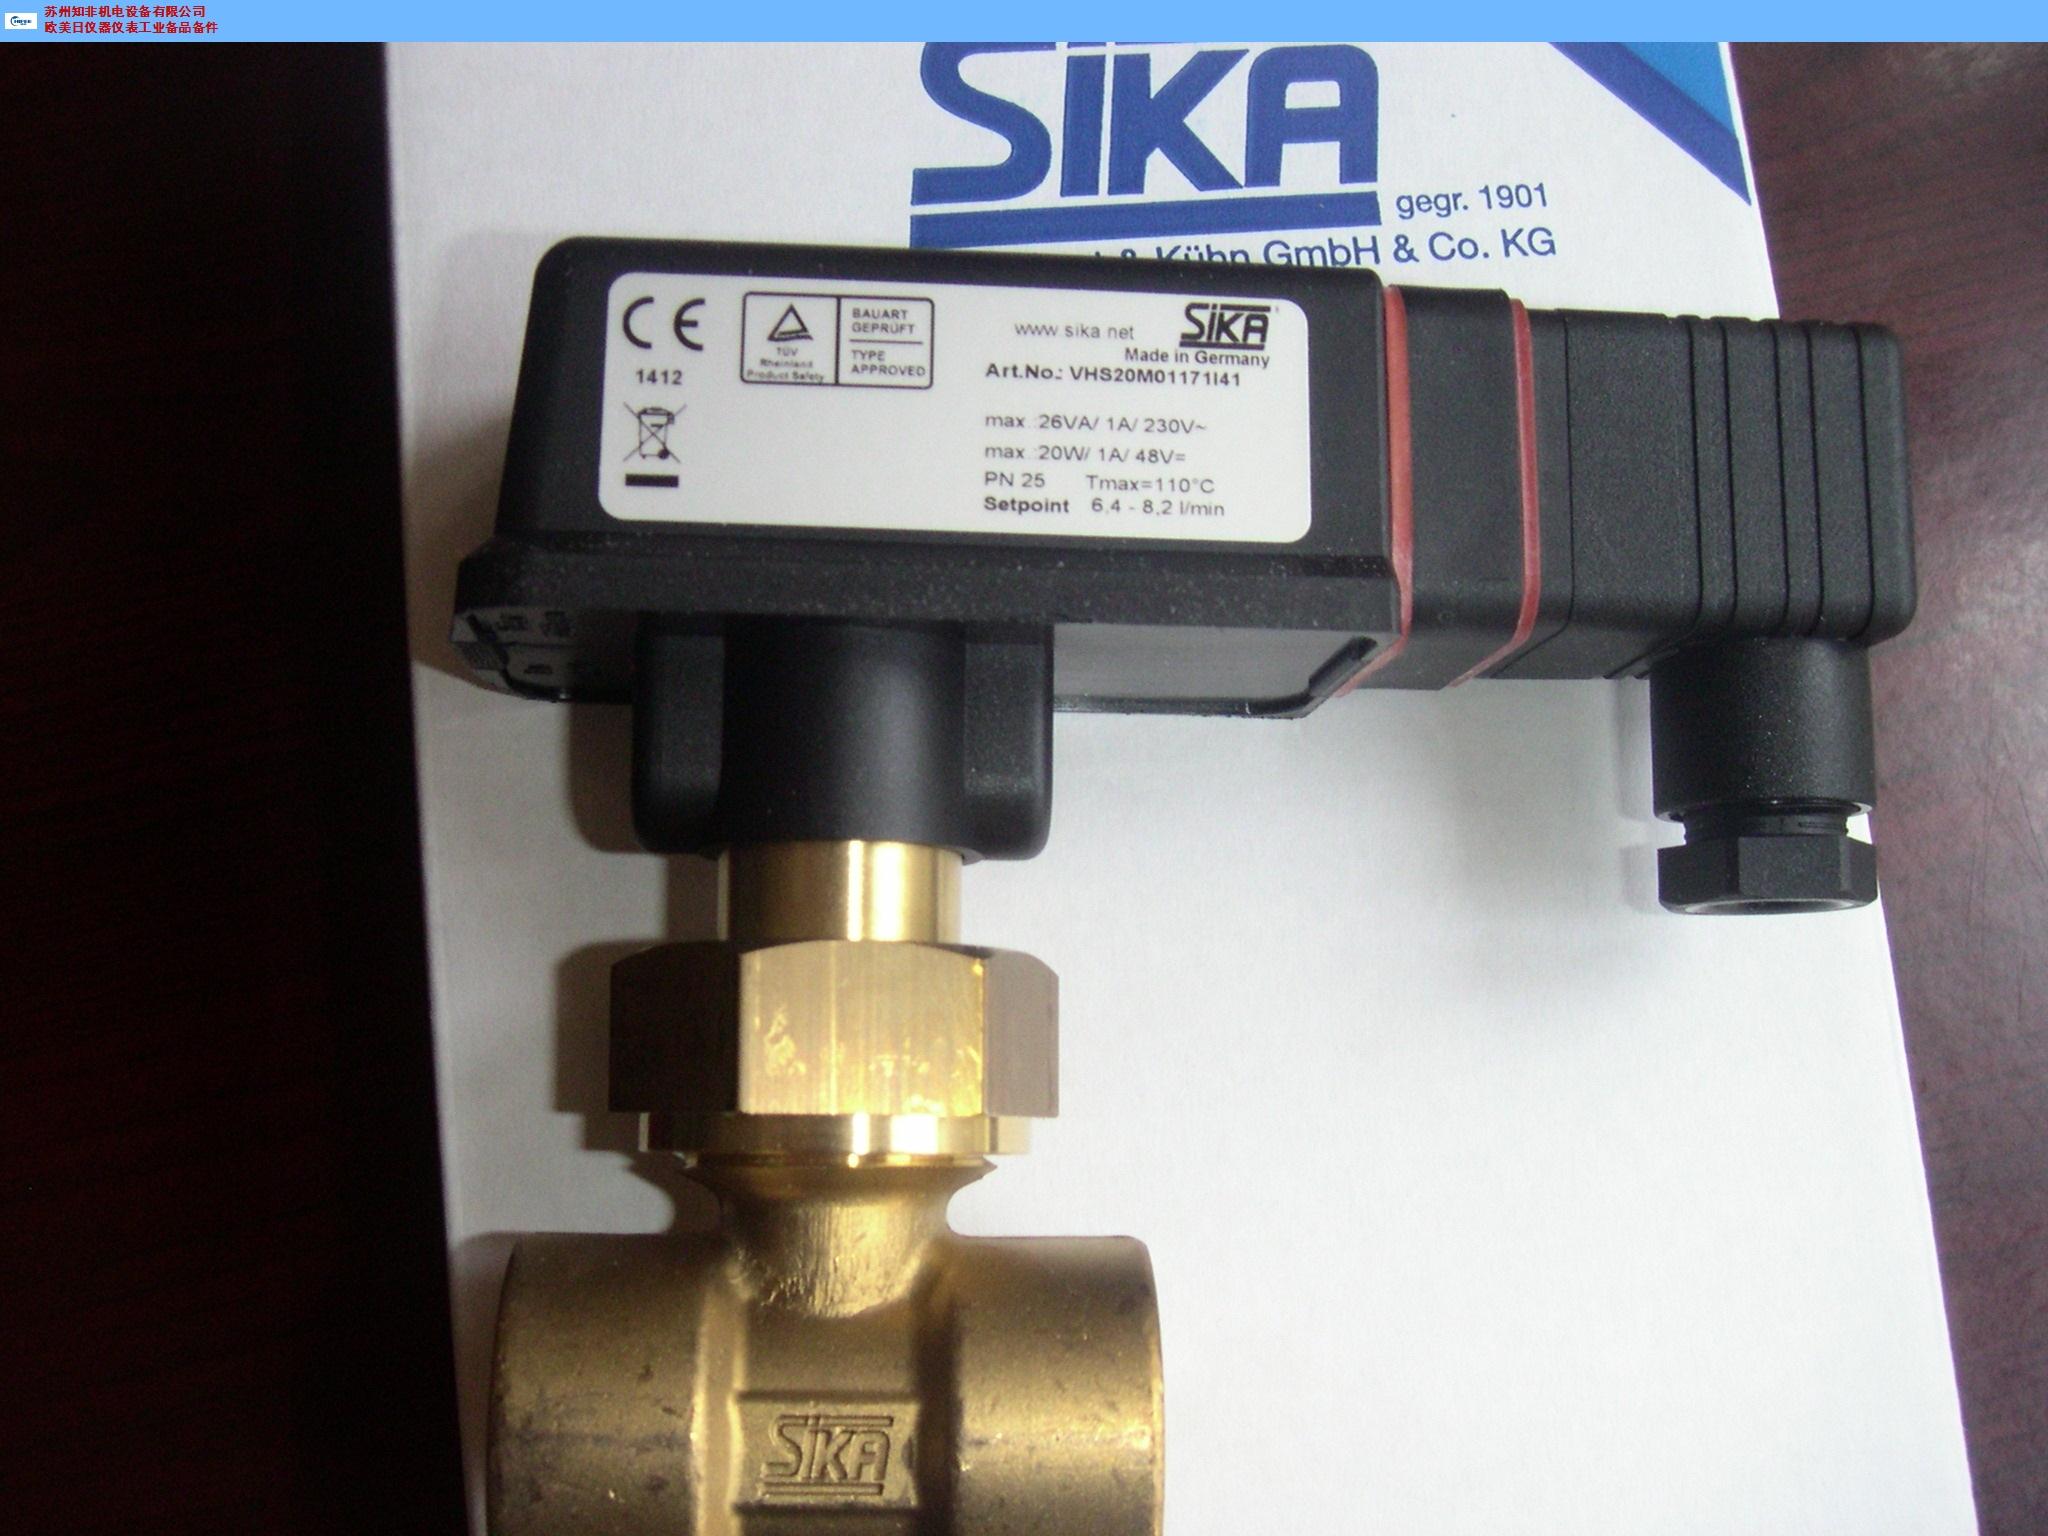 意大利挡板式流量传感器代理商 值得信赖 苏州知非机电设备供应